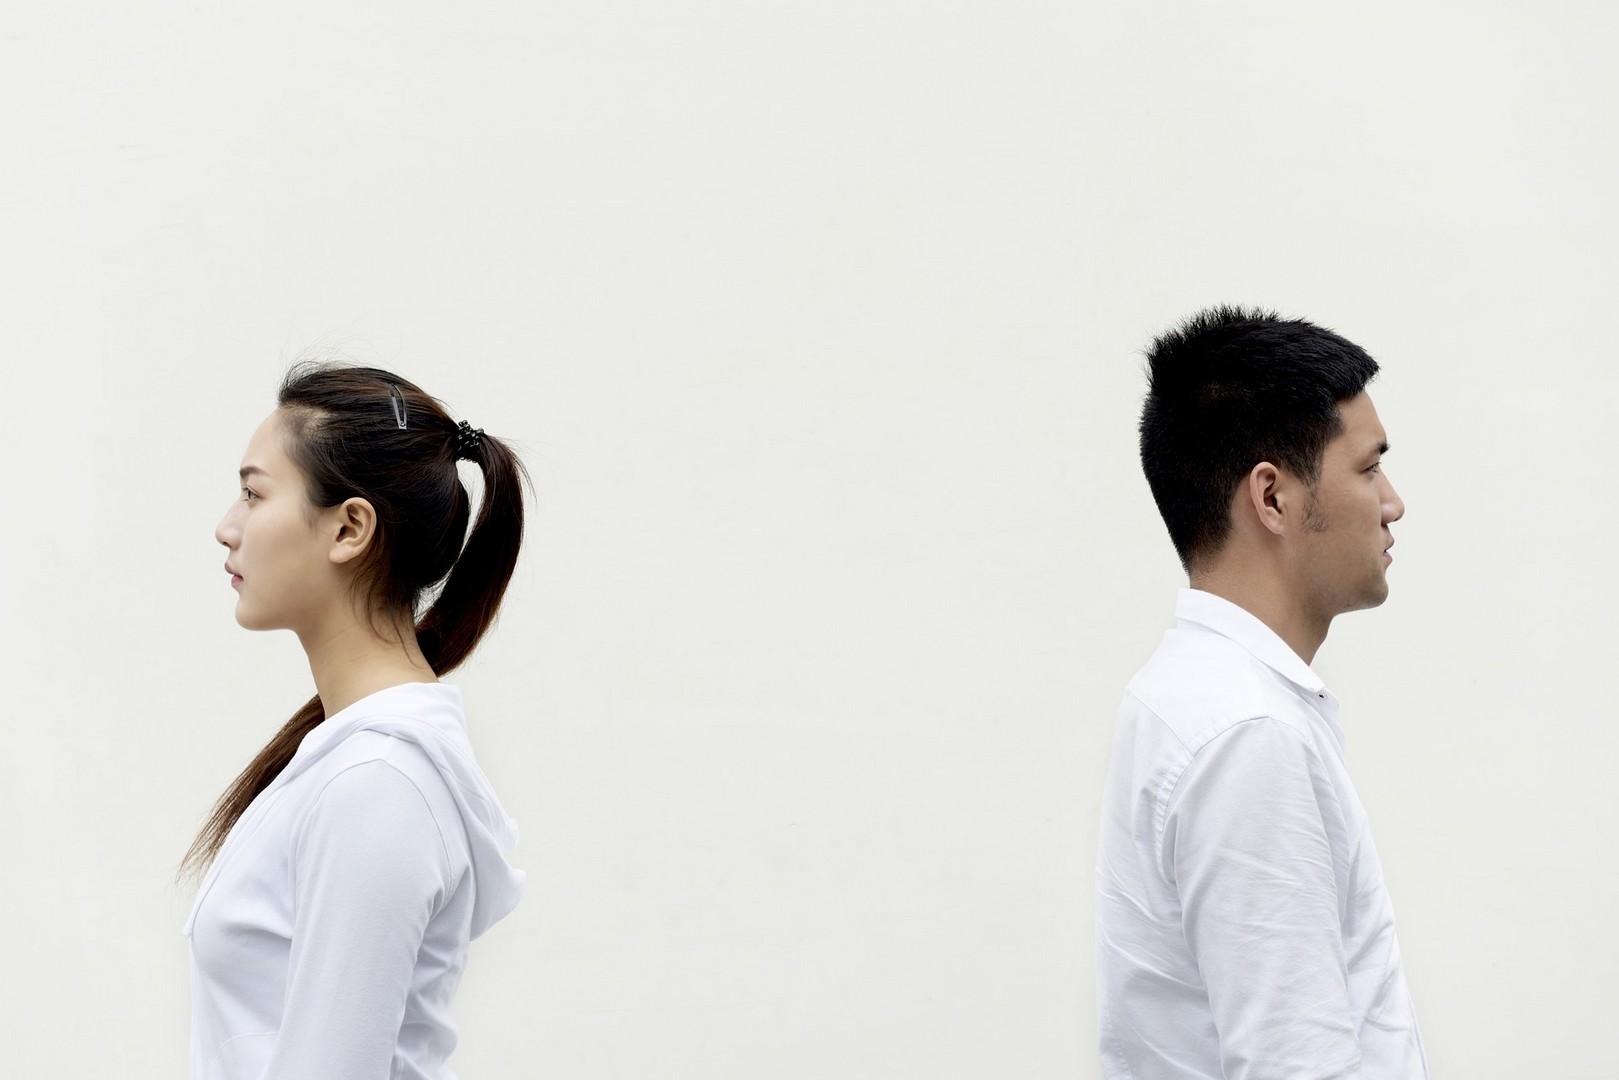 Муж постоянно унижает и оскорбляет: 7 причин и решение проблемы